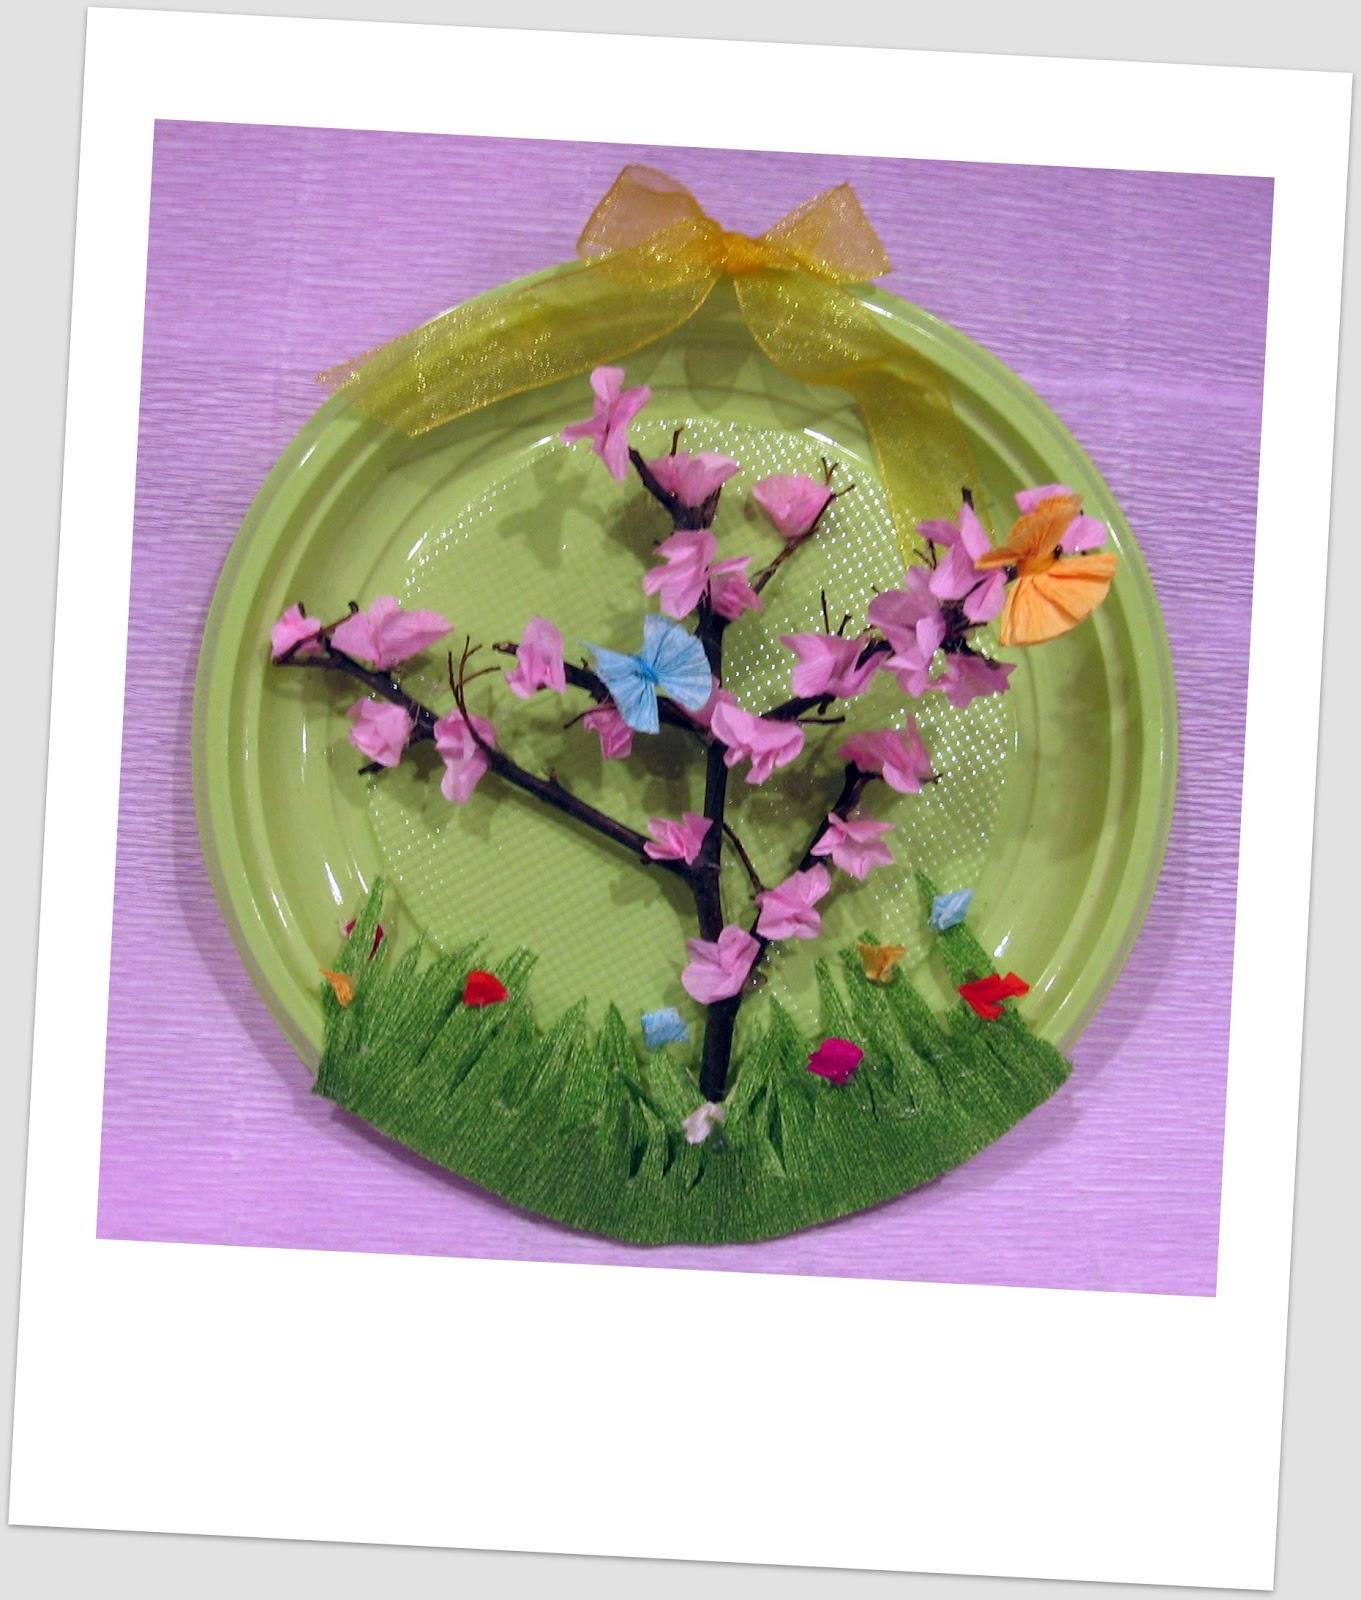 Dalla a allo zucchero la primavera decorazioni per la for Addobbi scuola infanzia